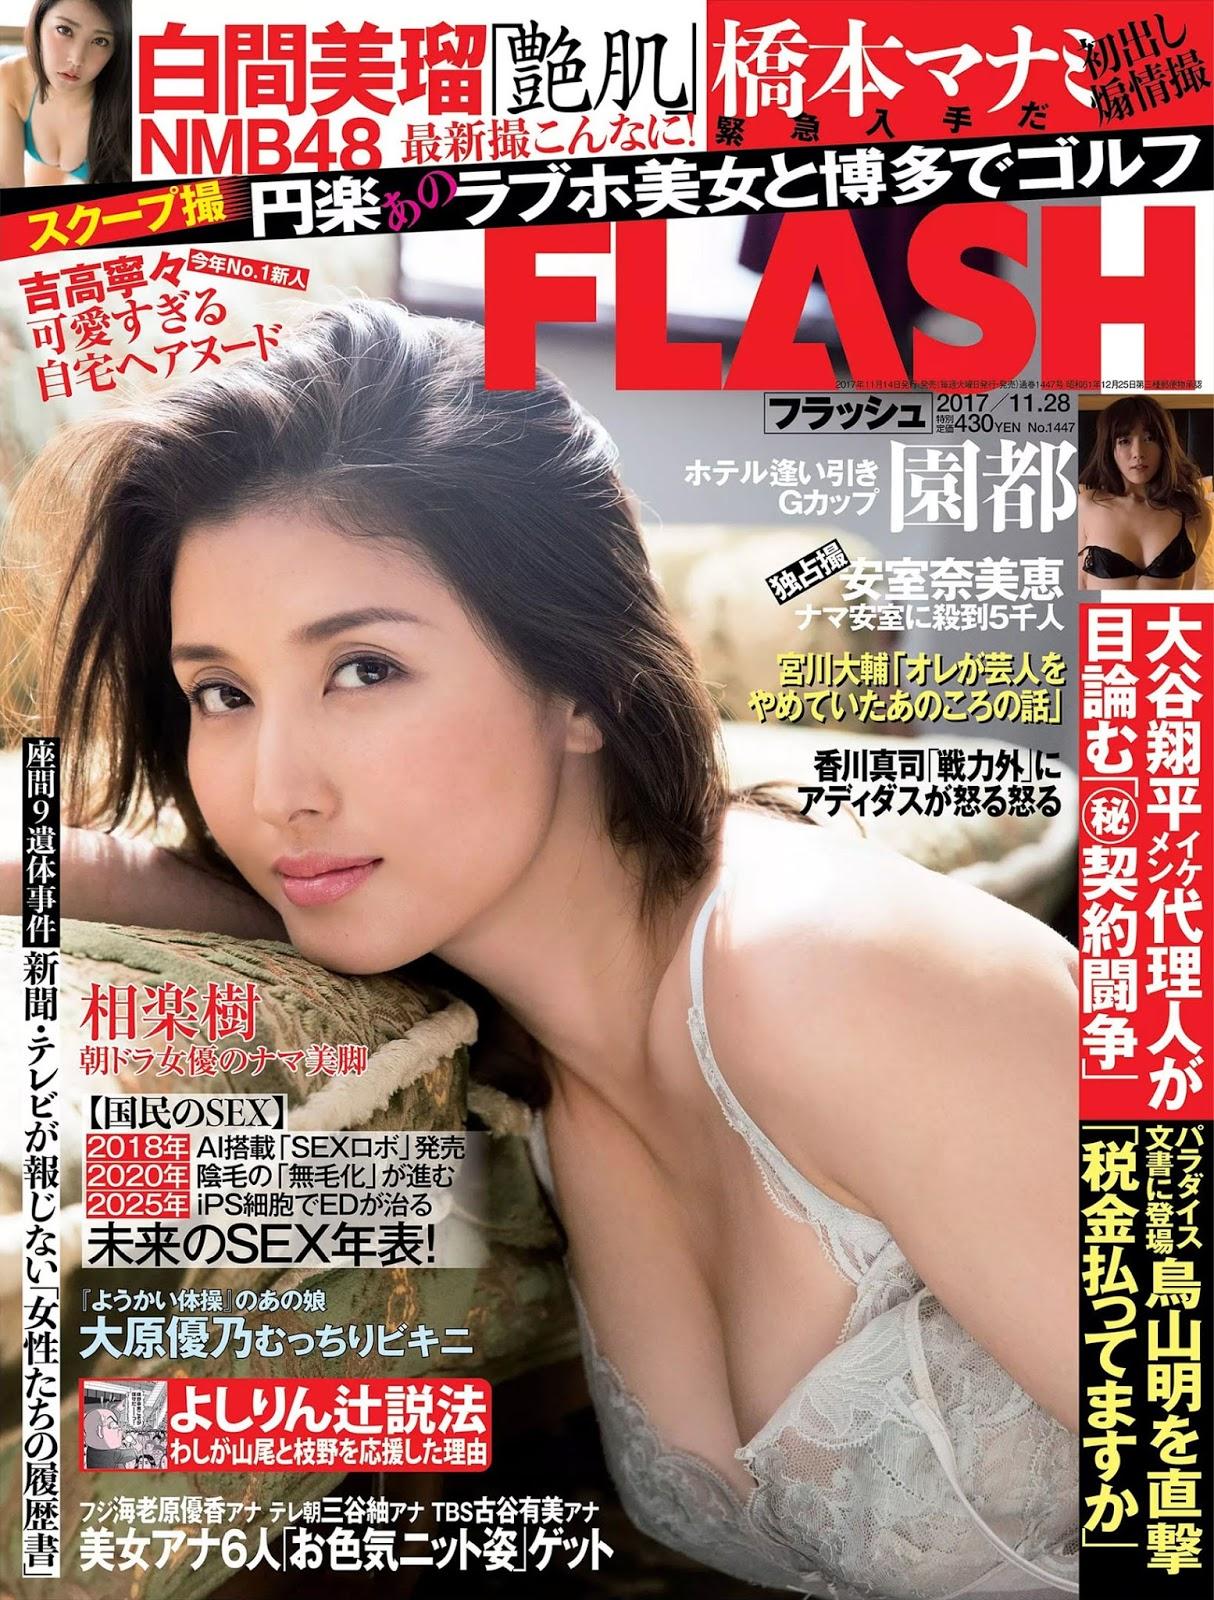 Manami Hashimoto 橋本マナミ, FLASH 電子版 2017.11.28 (フラッシュ 2017年11月28日号)